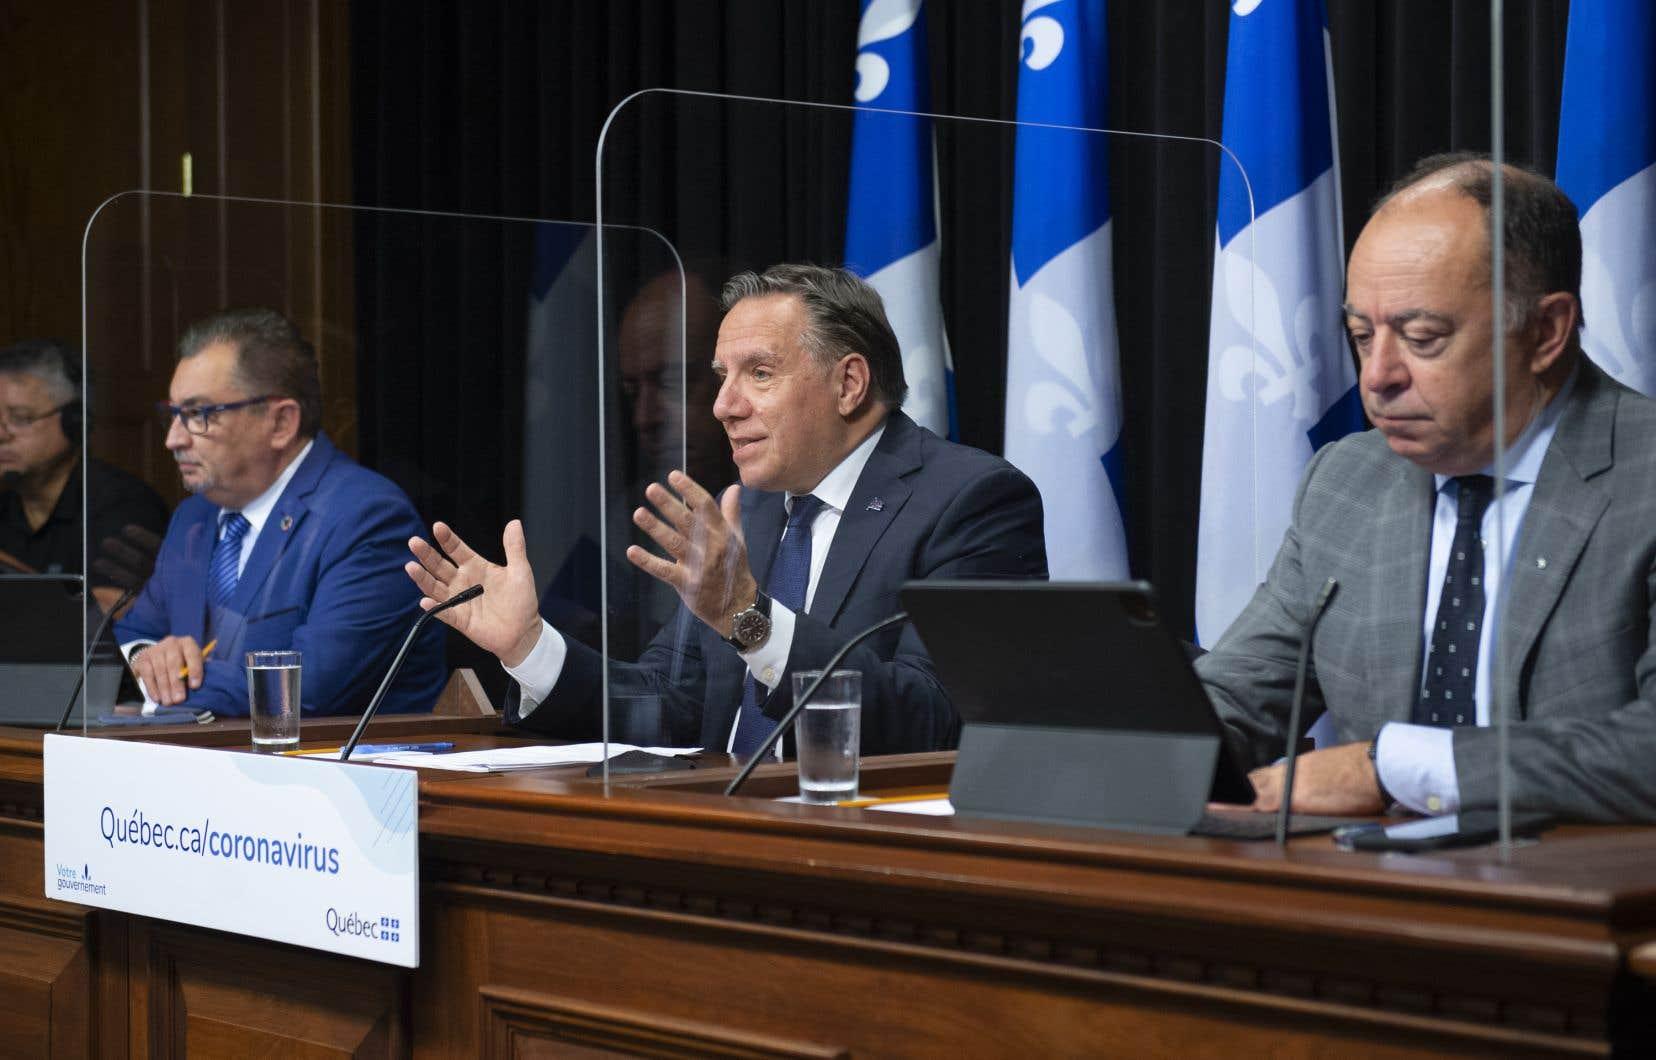 En ce qui aurait pu être le premier jour de relâchement des mesures sanitaires, le gouvernement Legault donne une conférence de presse au sujet de la pandémie de COVID-19.